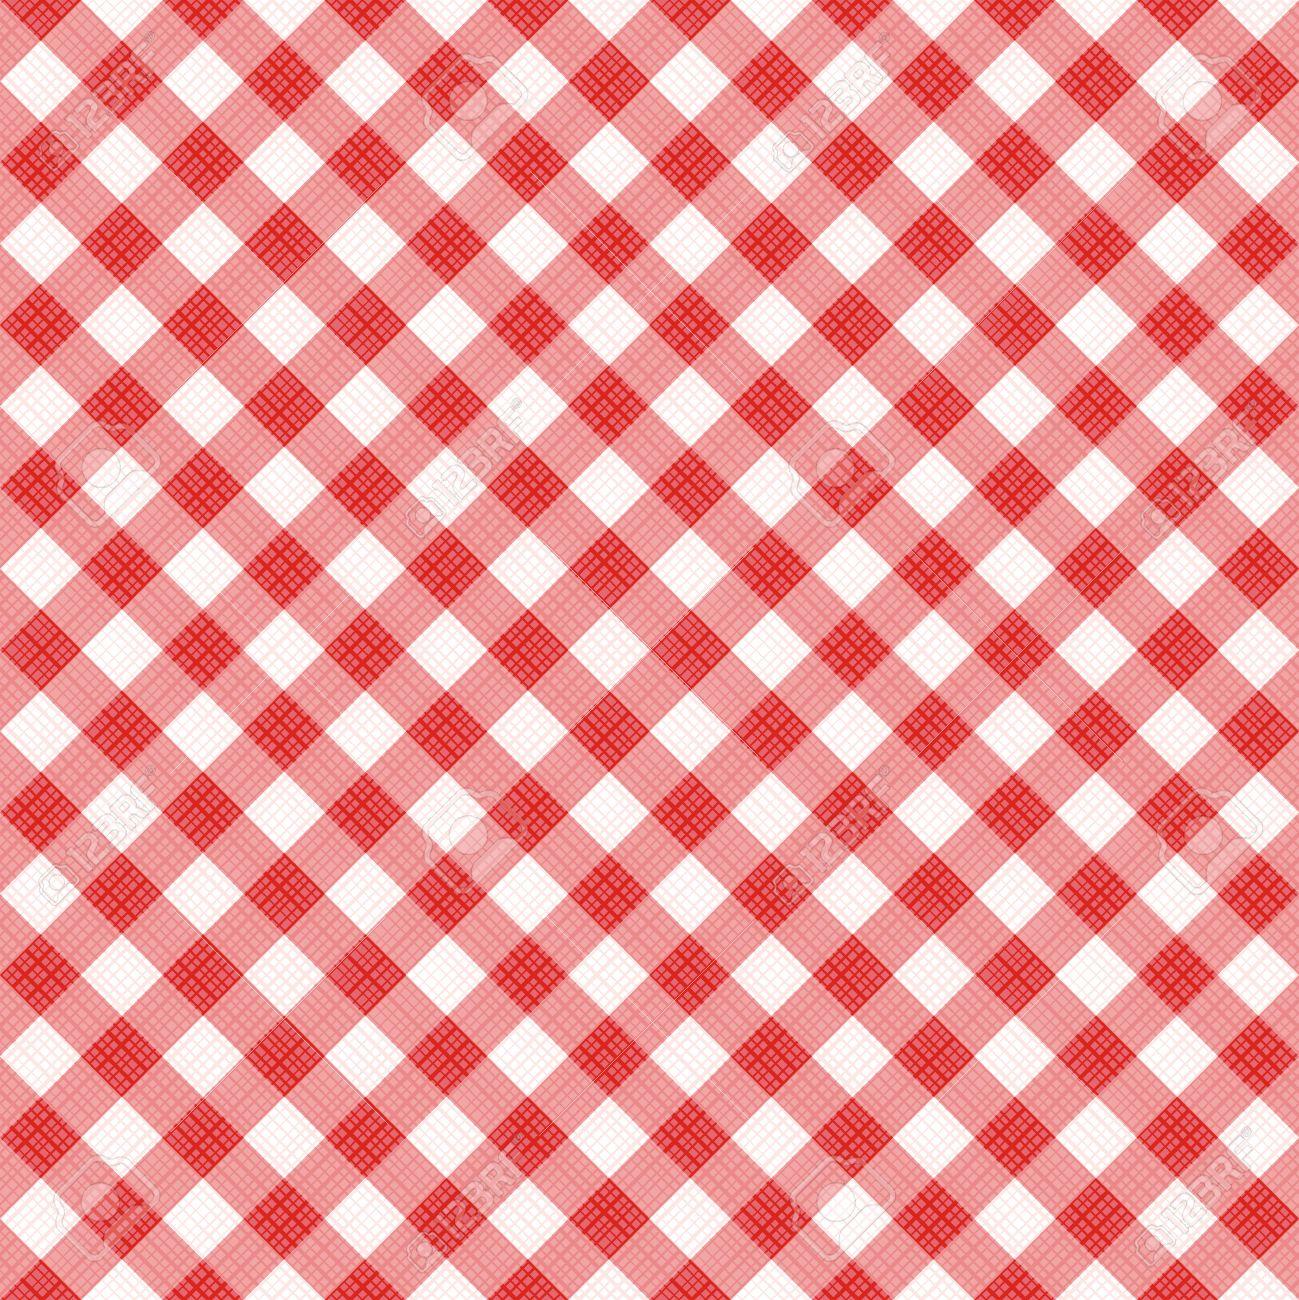 Banque Du0027images   Seamless (vous Voyez 4 Tuiles) Diagonale Rouge De Tissu  De Tissu Vichy, Modèle, Swatch, Fond, Texture Ou Le Papier Peint.